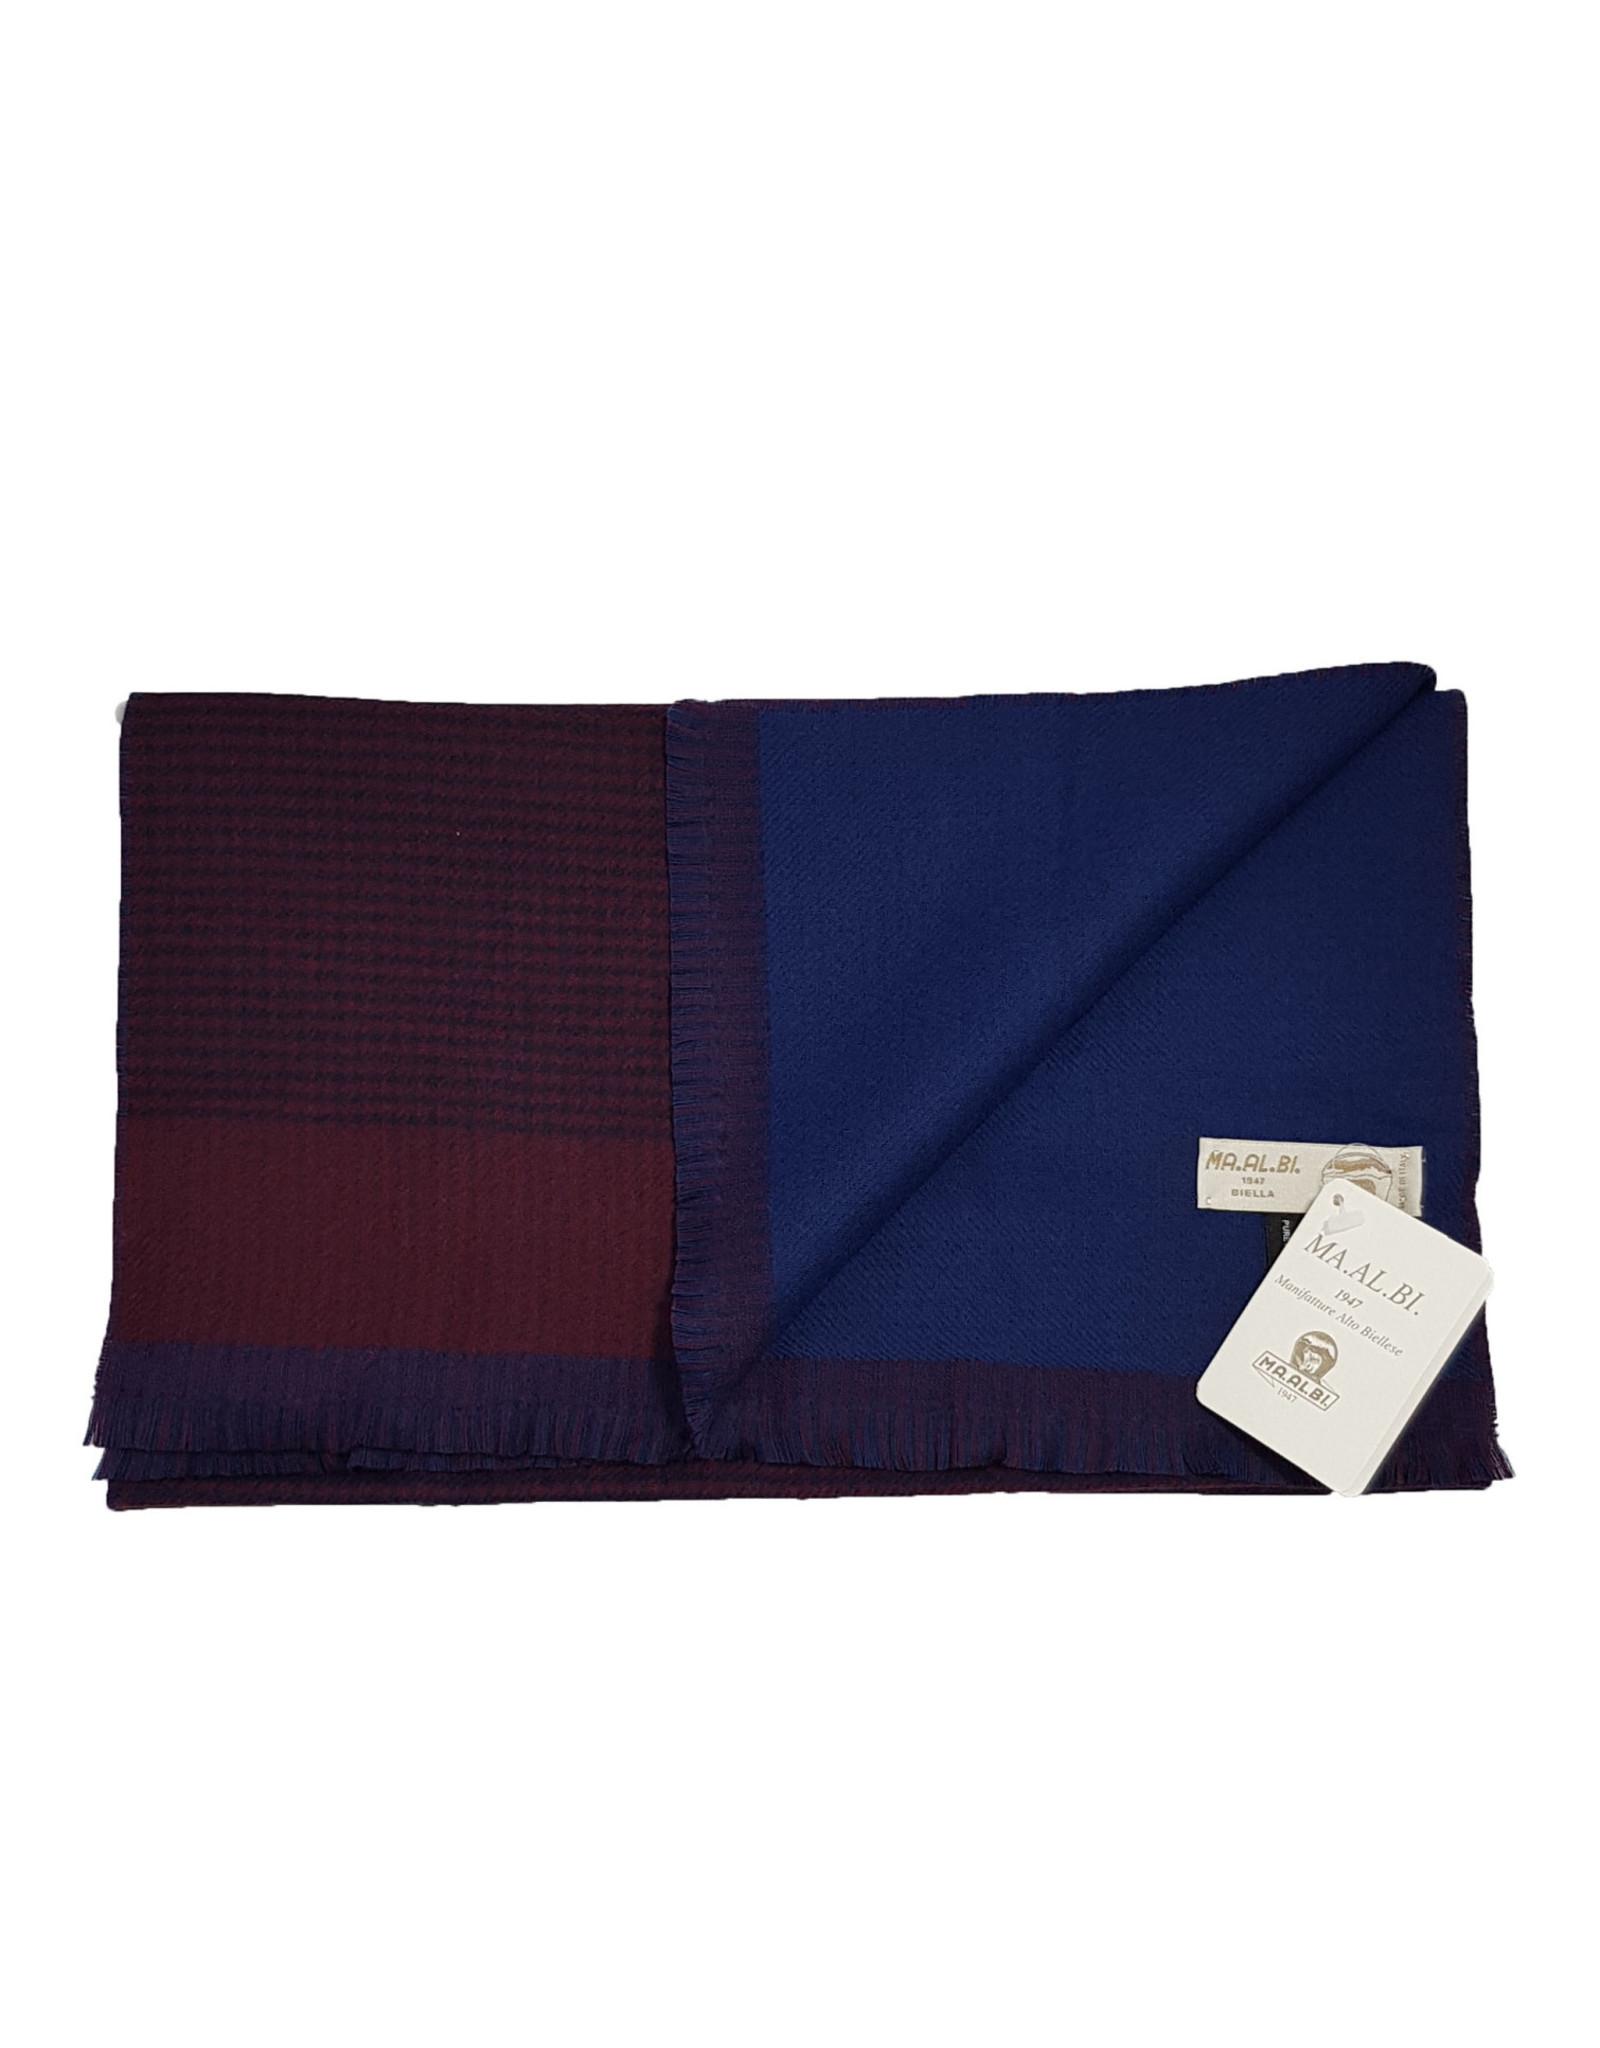 MA.AL.Bi MA.AL.BI sjaal rood 562-11